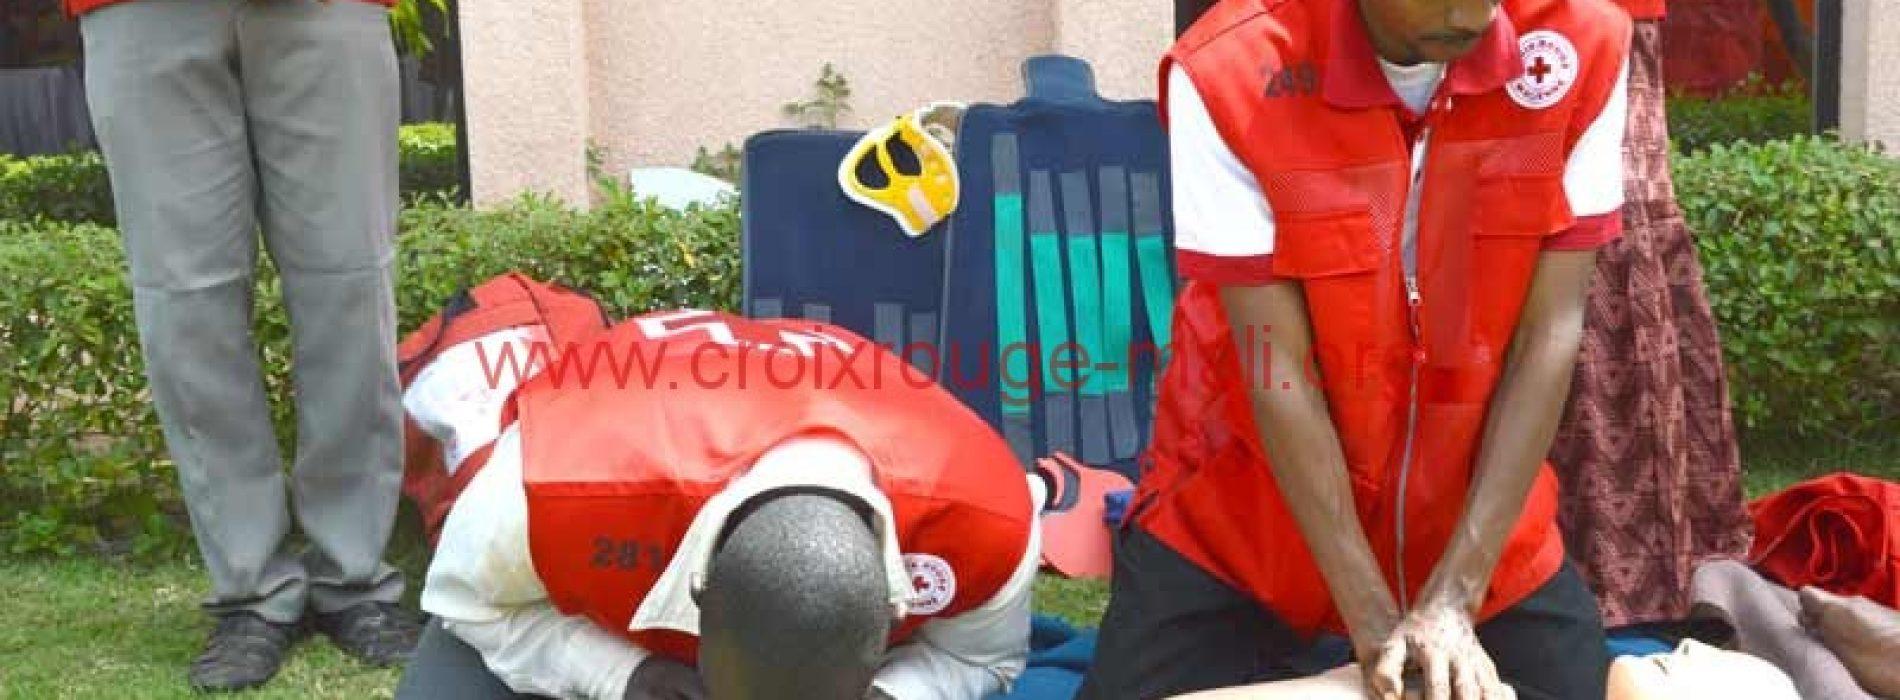 Forum international sur la sécurité et la santé au travail : la Croix-Rouge Malienne fait la promotion du secourisme pour la maîtrise des risques en milieu professionnel